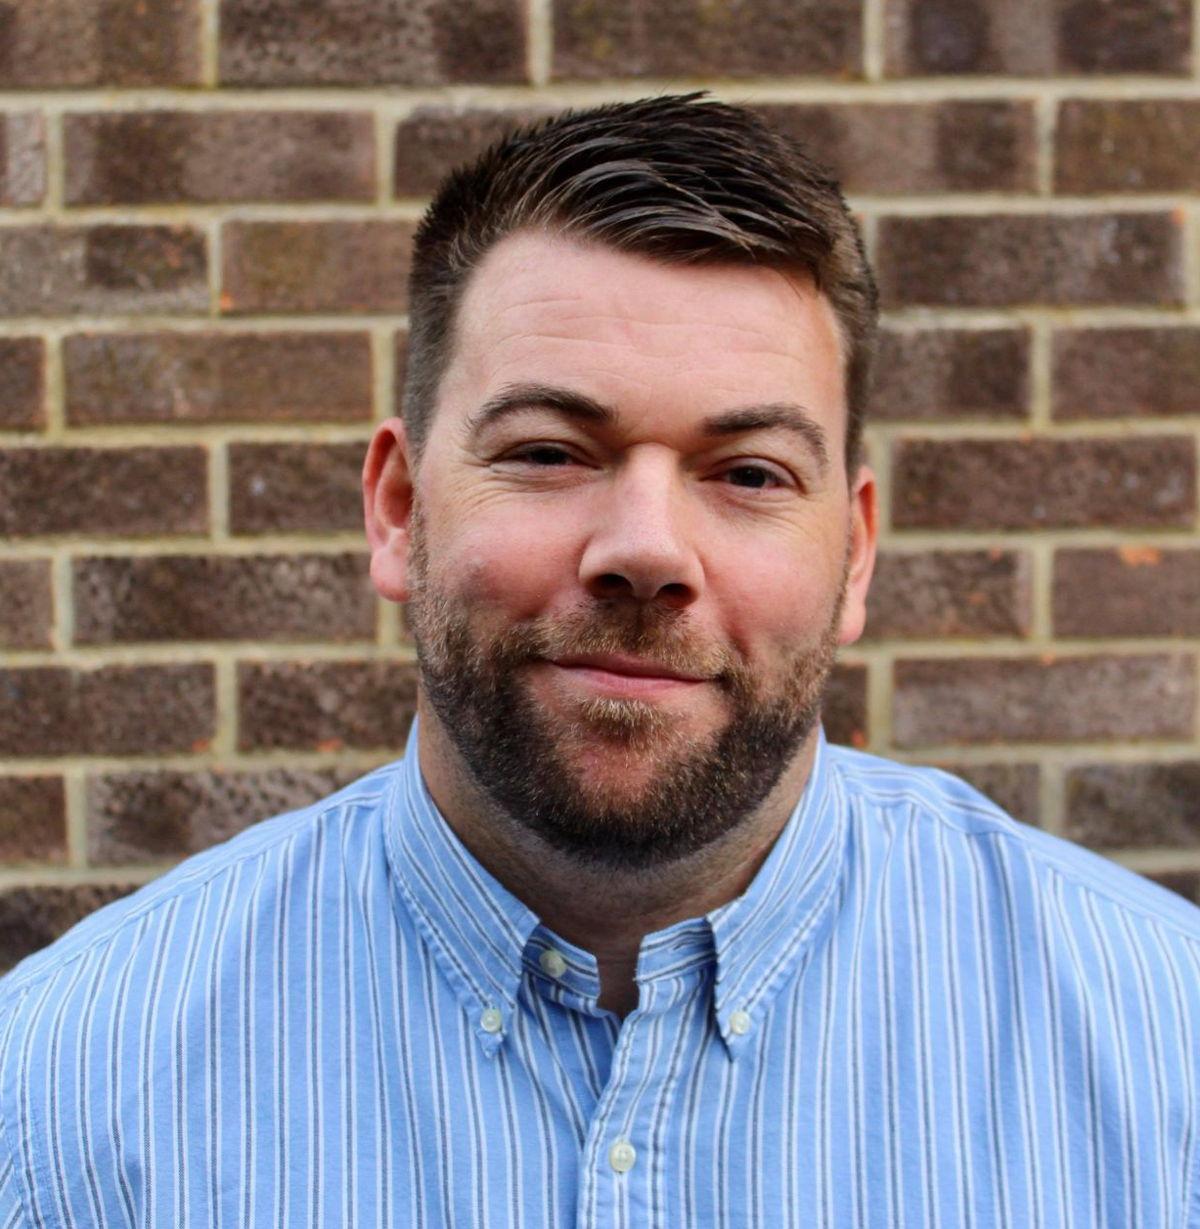 Уоррен Лінкольн, спеціаліст із розвитку бізнесу WePlay Esports. Фото: WePlay Esports